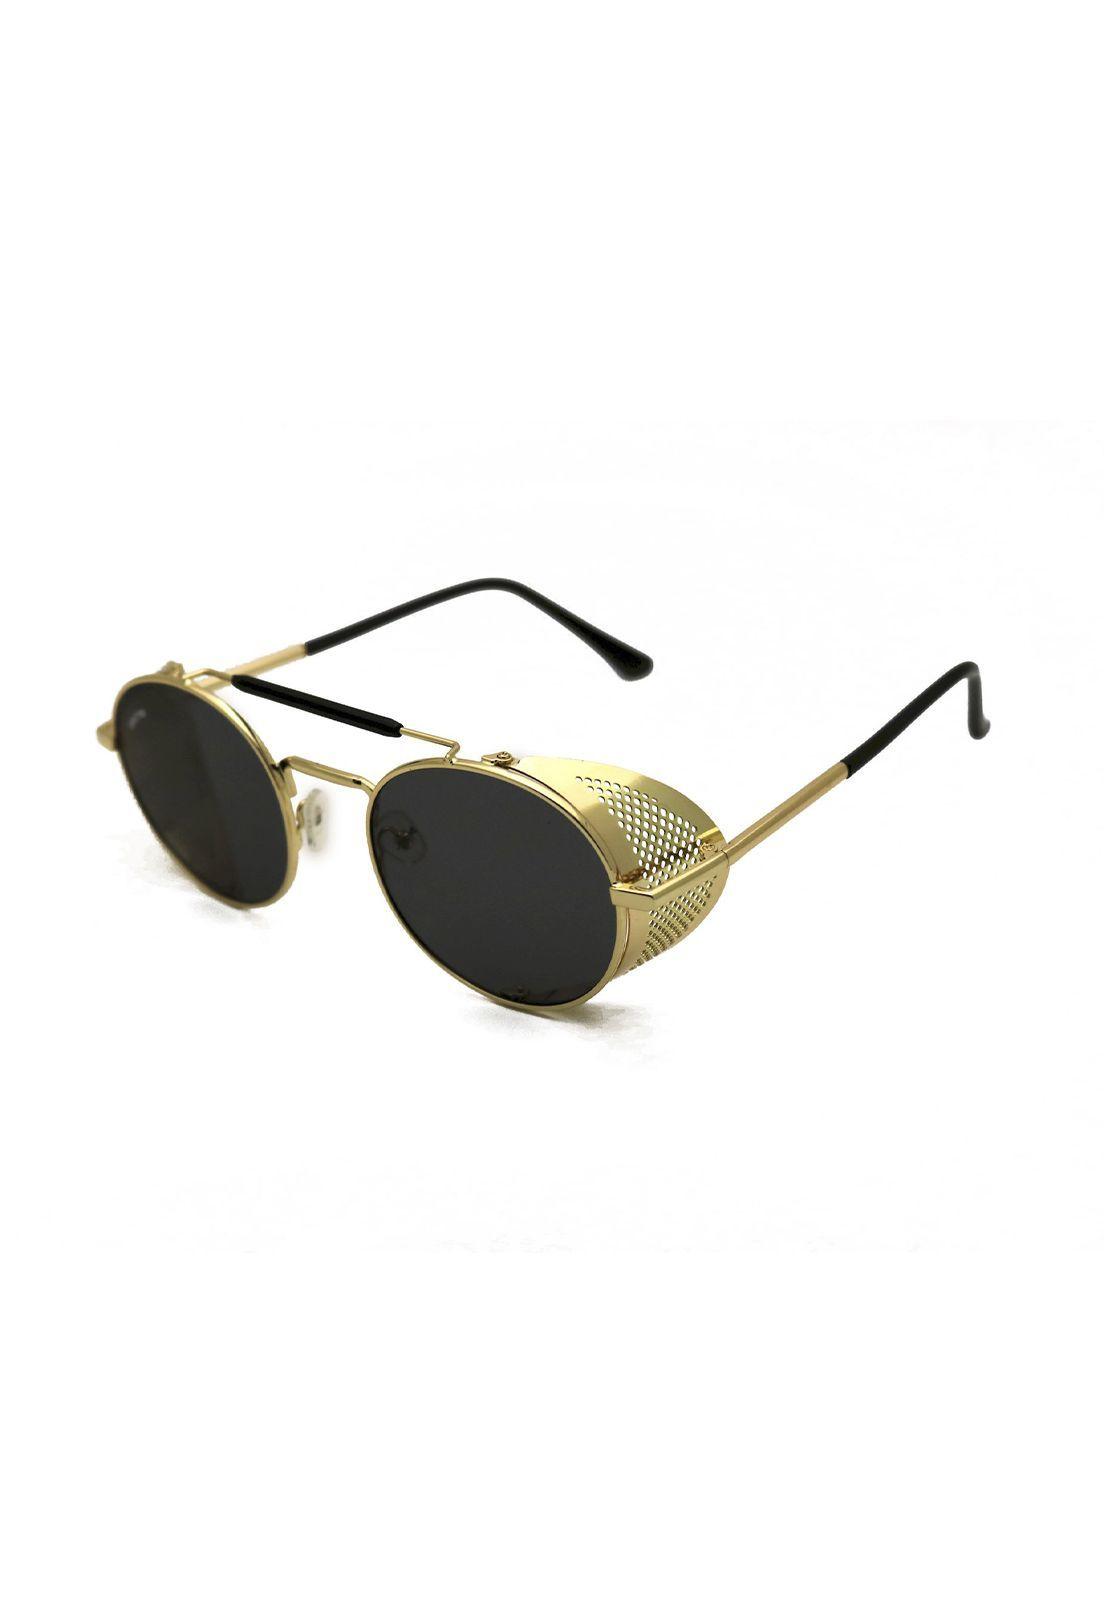 Óculos de Sol Grungetteria Easy Rider Dourado